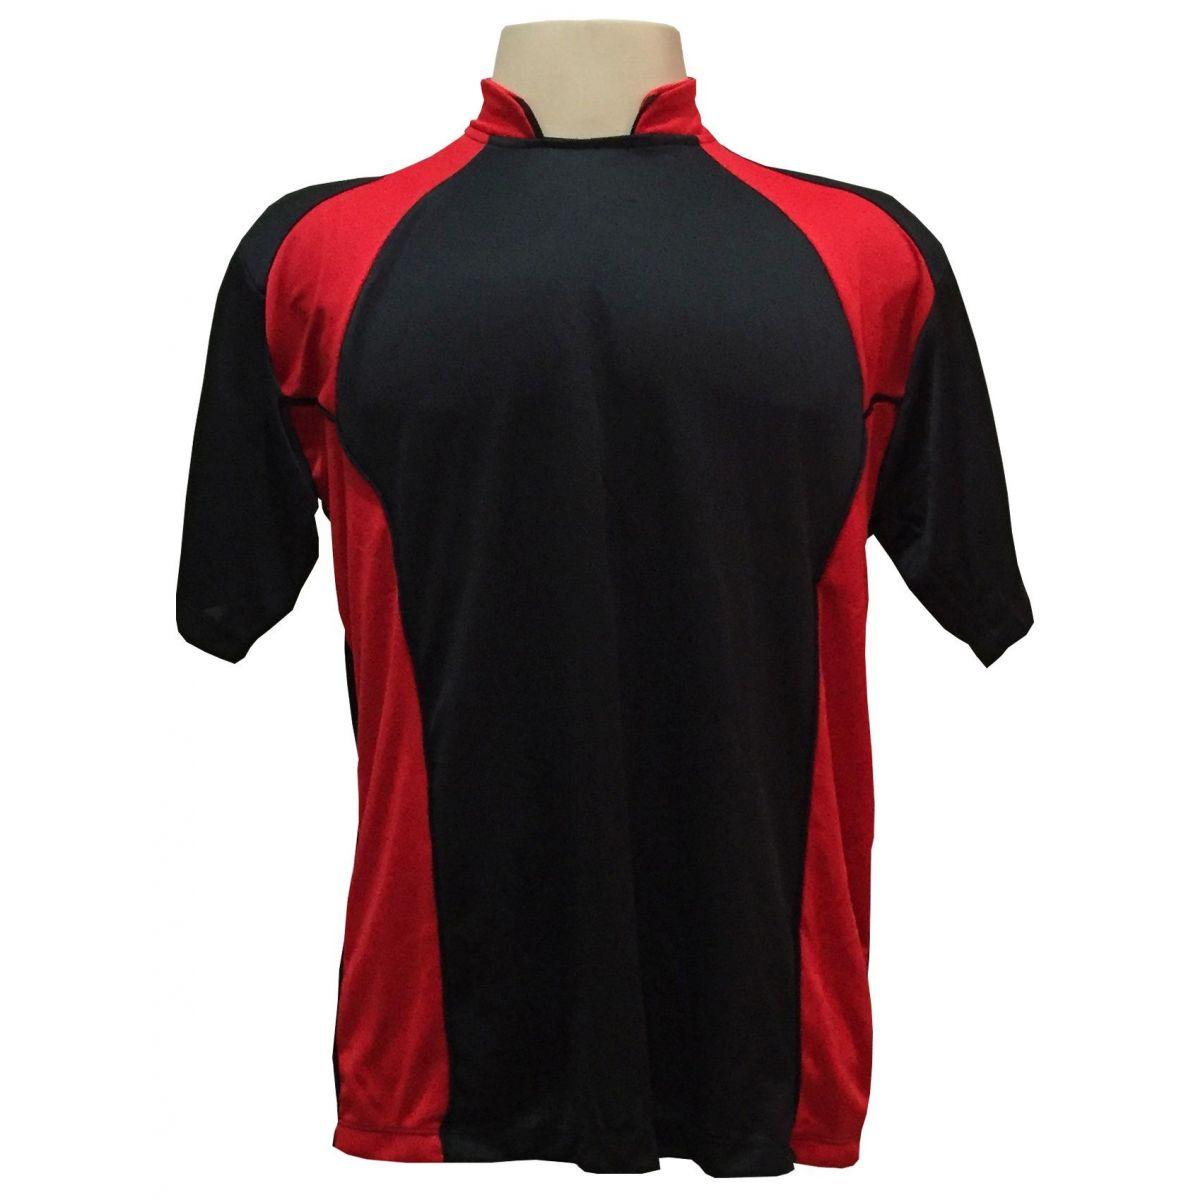 Jogo de Camisa com 14 unidades modelo Suécia Preto/Vermelho + Brindes